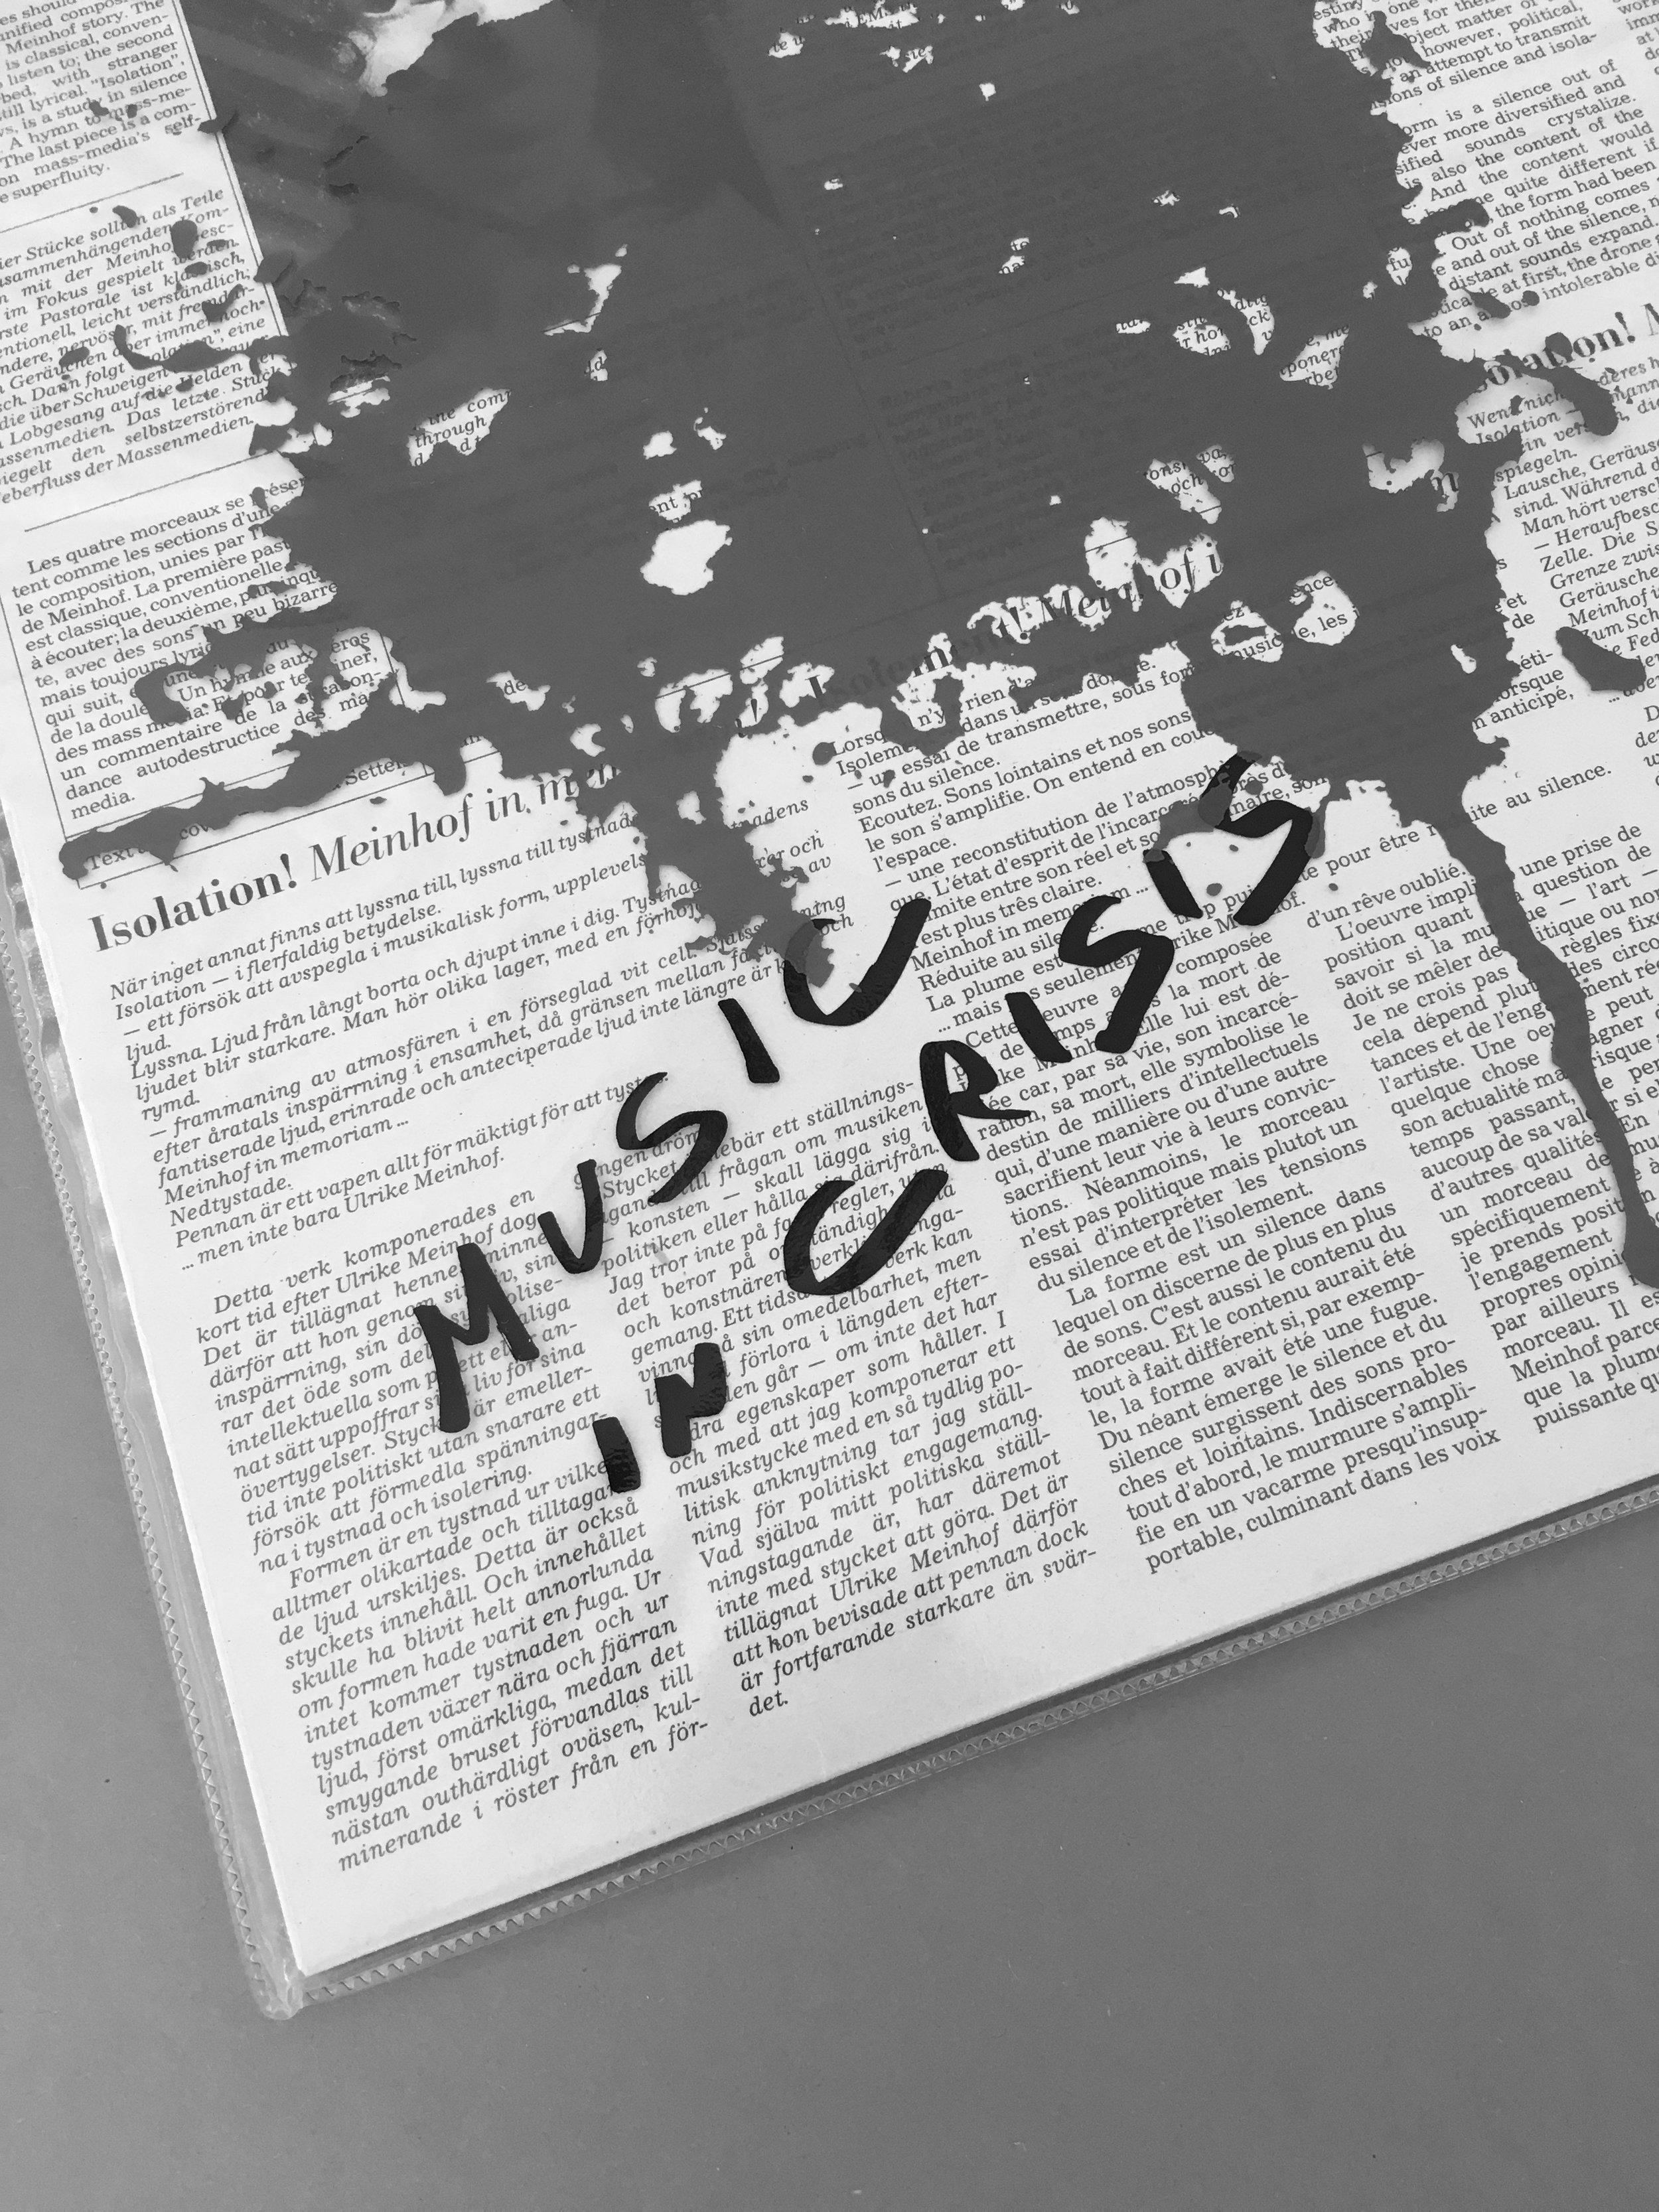 Roberta Settels - Isolation! Meinhof In MemoriamLP_1985Music in Crisis